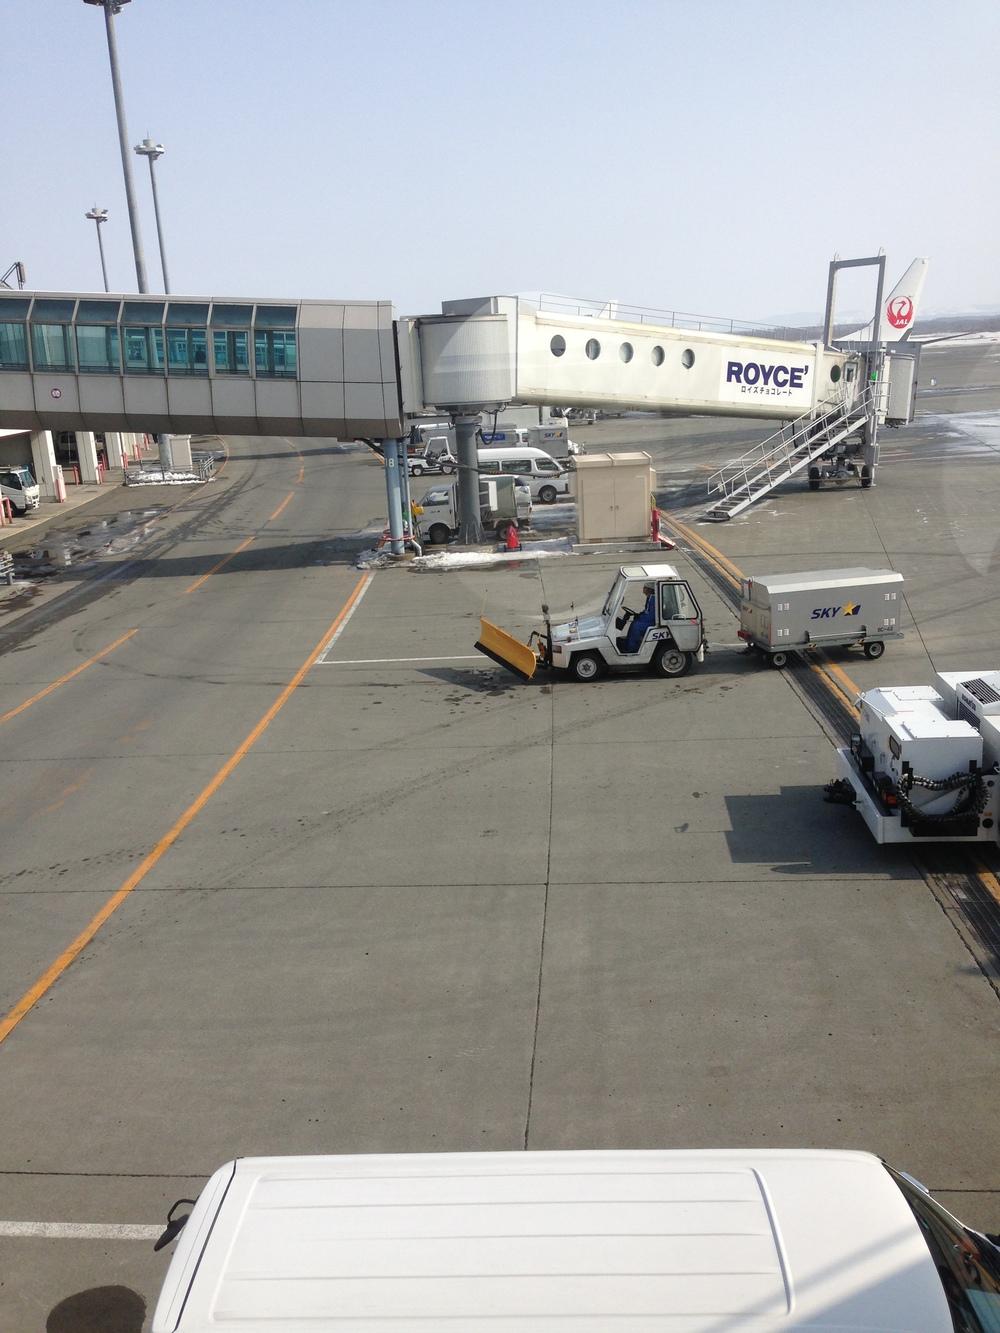 snowplow on airport baggage cart in Japan